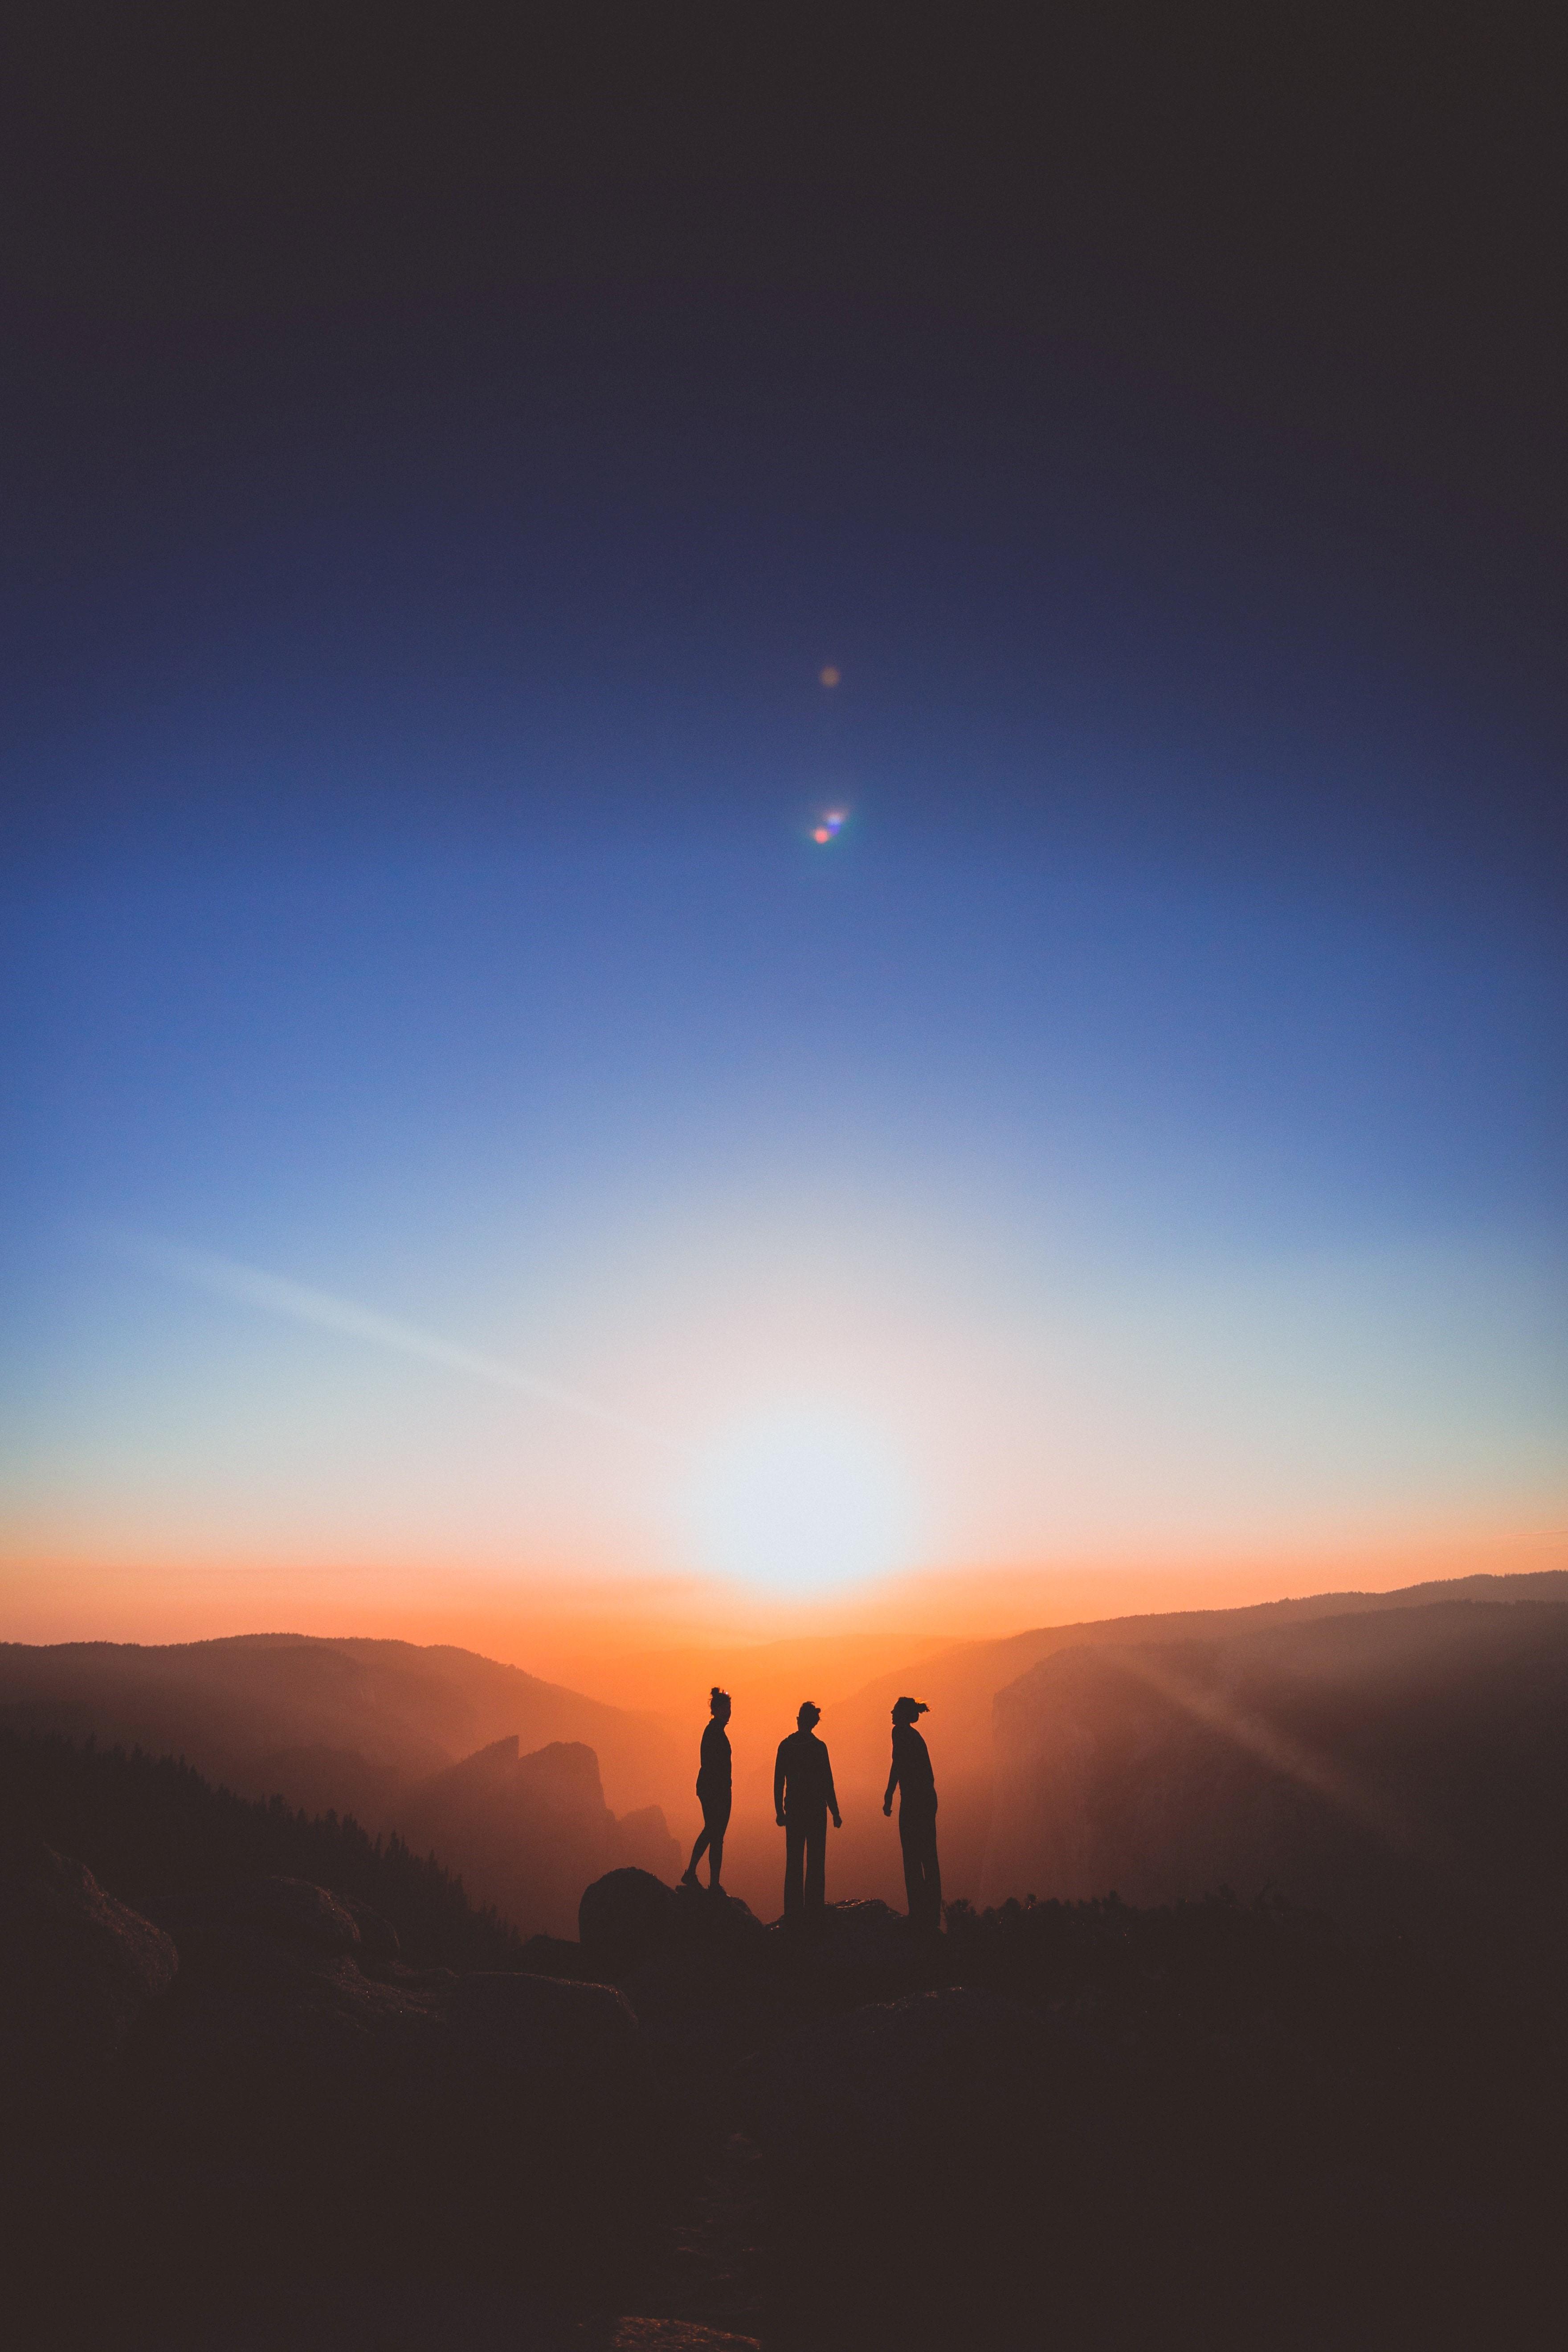 karl-magnuson-people at sunset